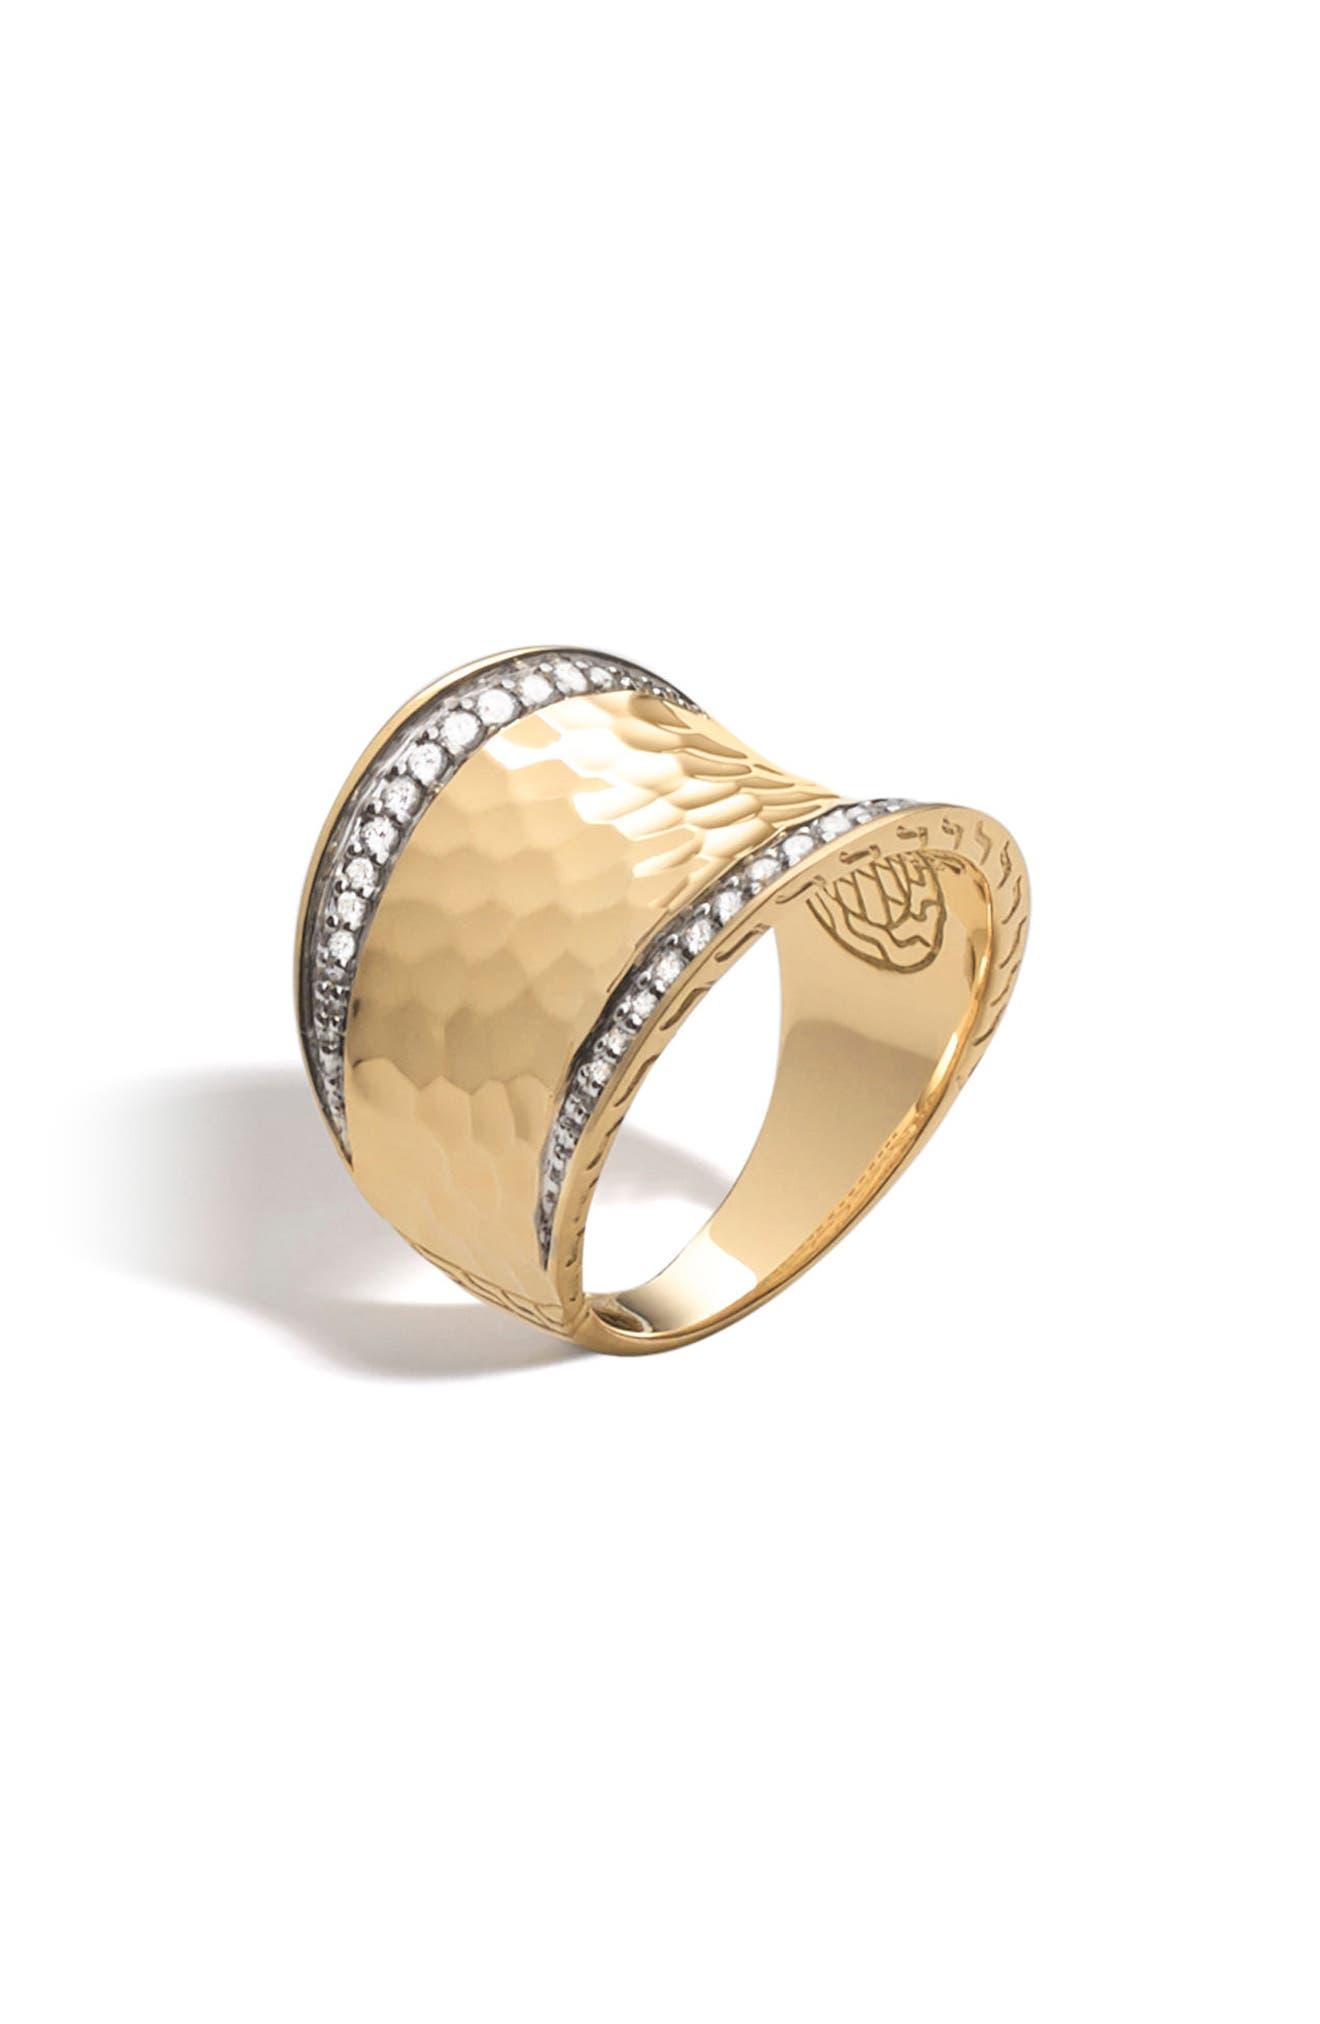 John Hardy Hammered Saddle Ring with Diamonds